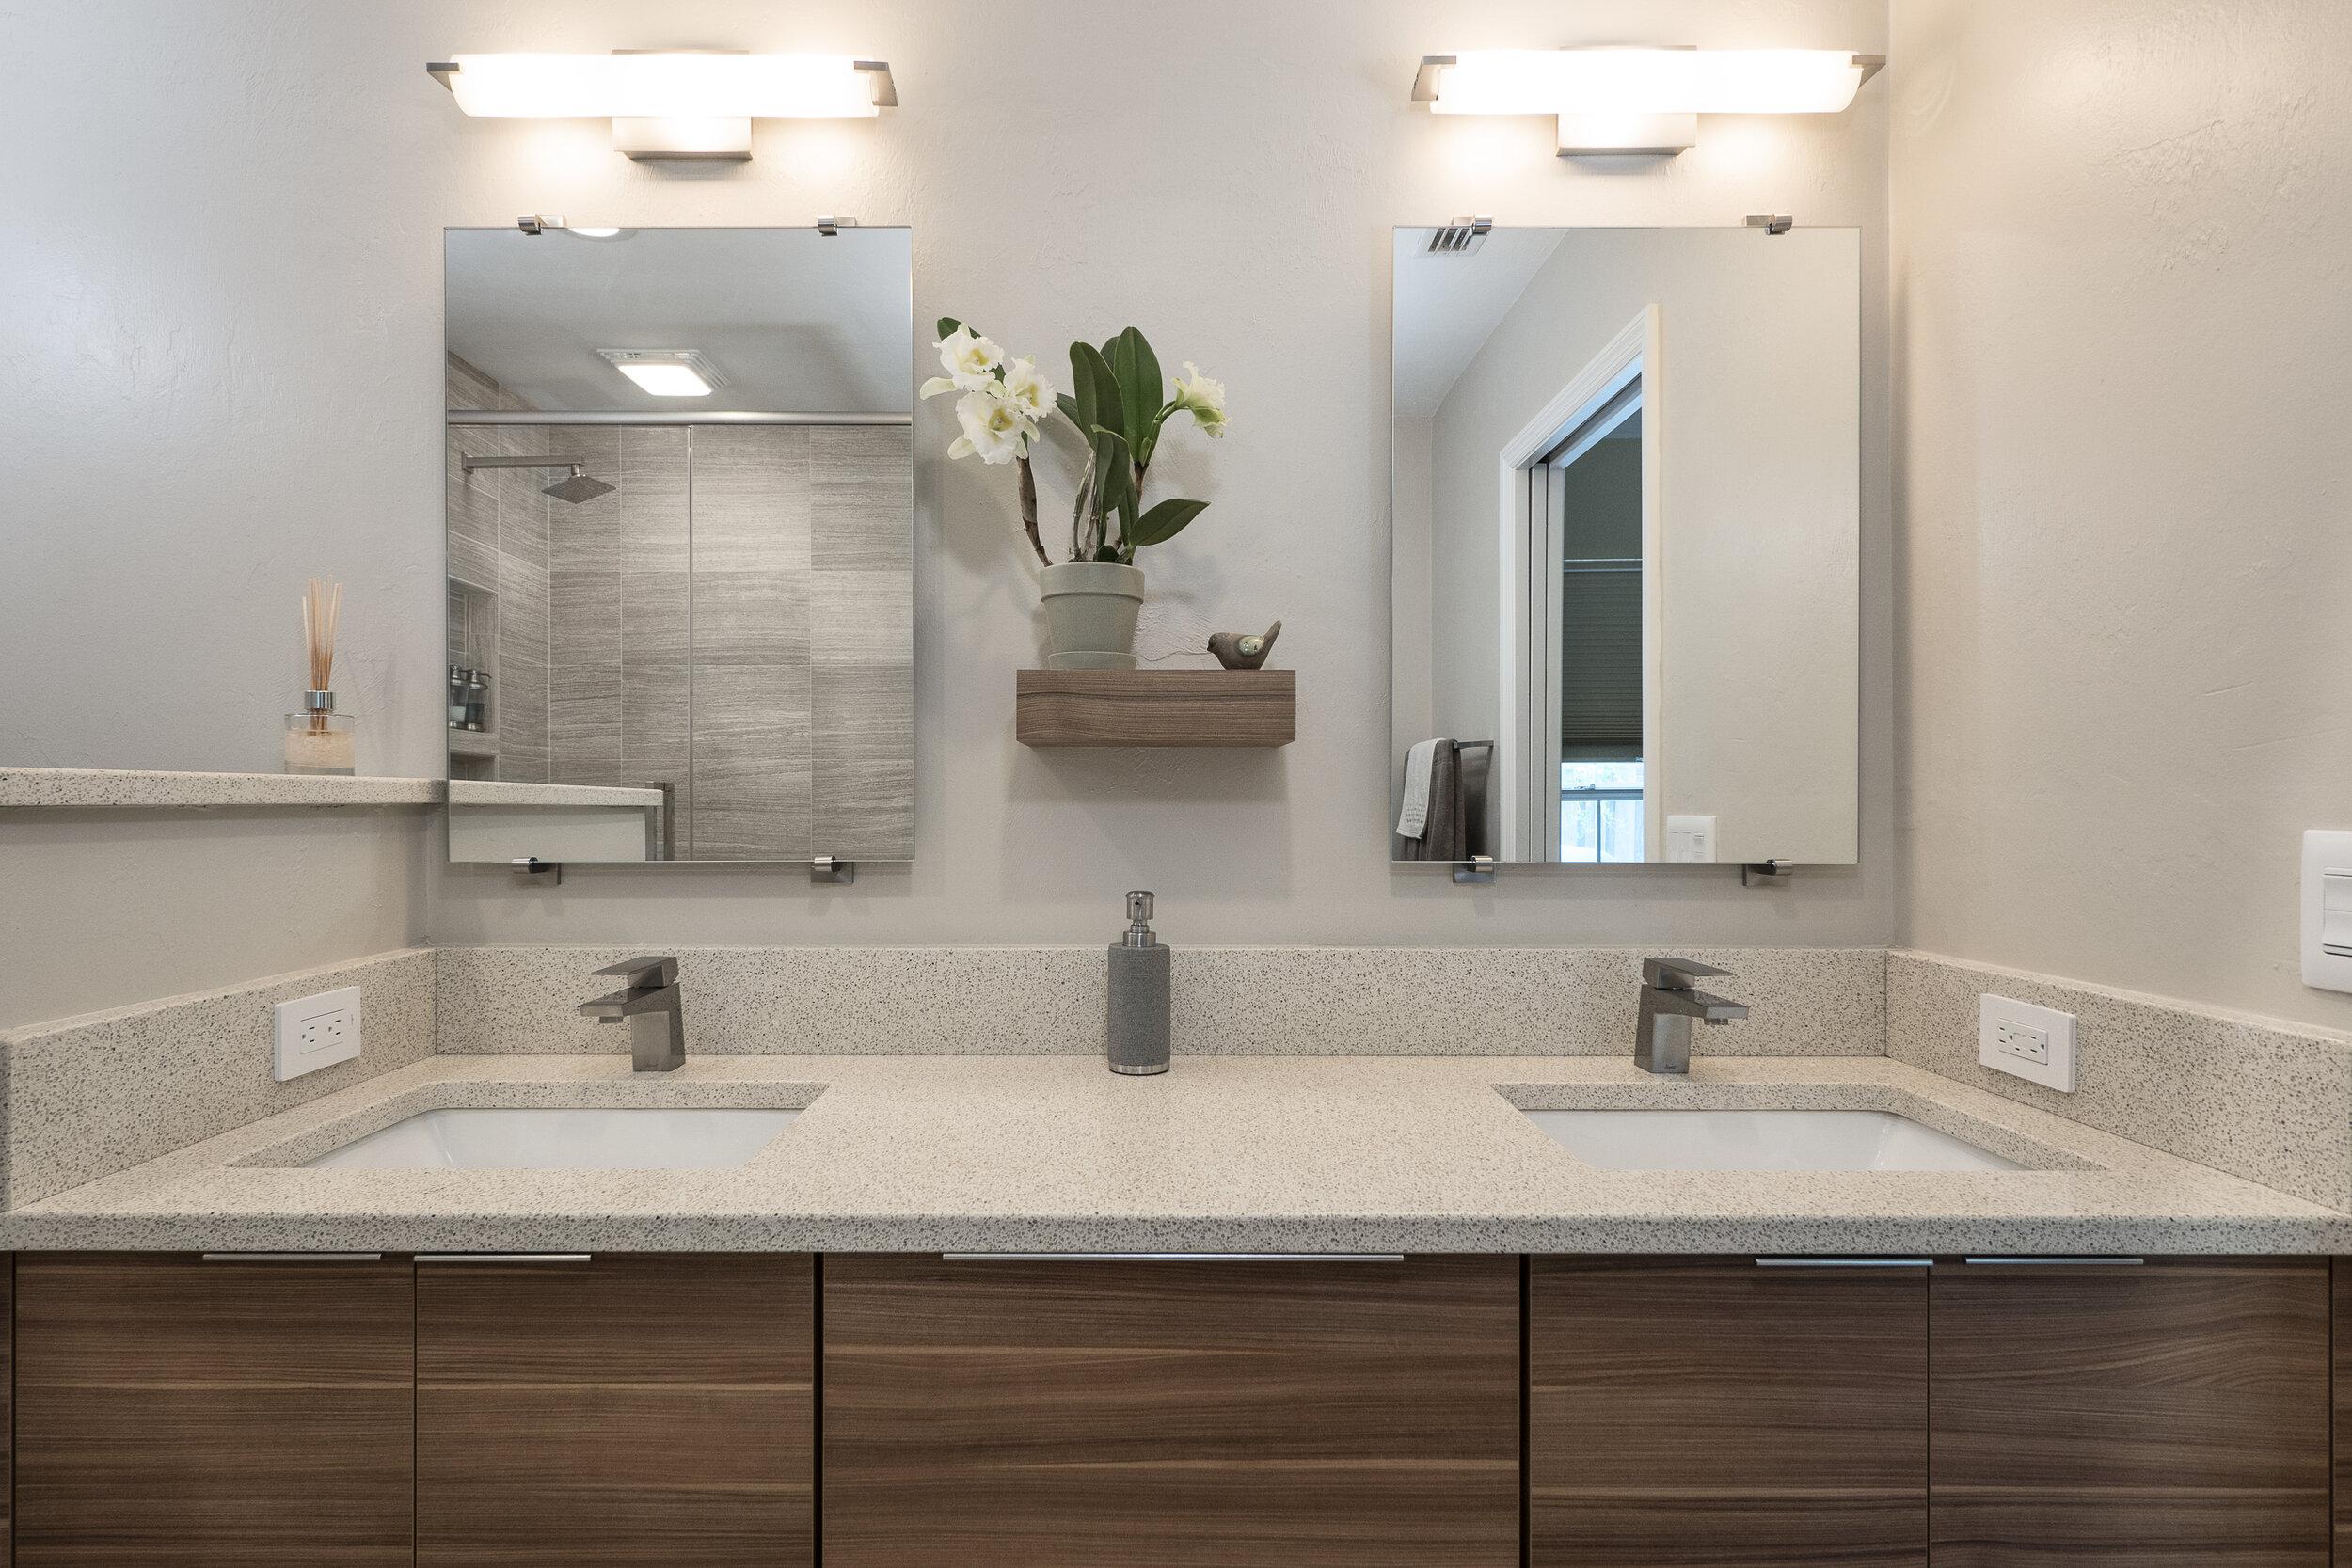 Visscher bath faucets and showerhead.jpg